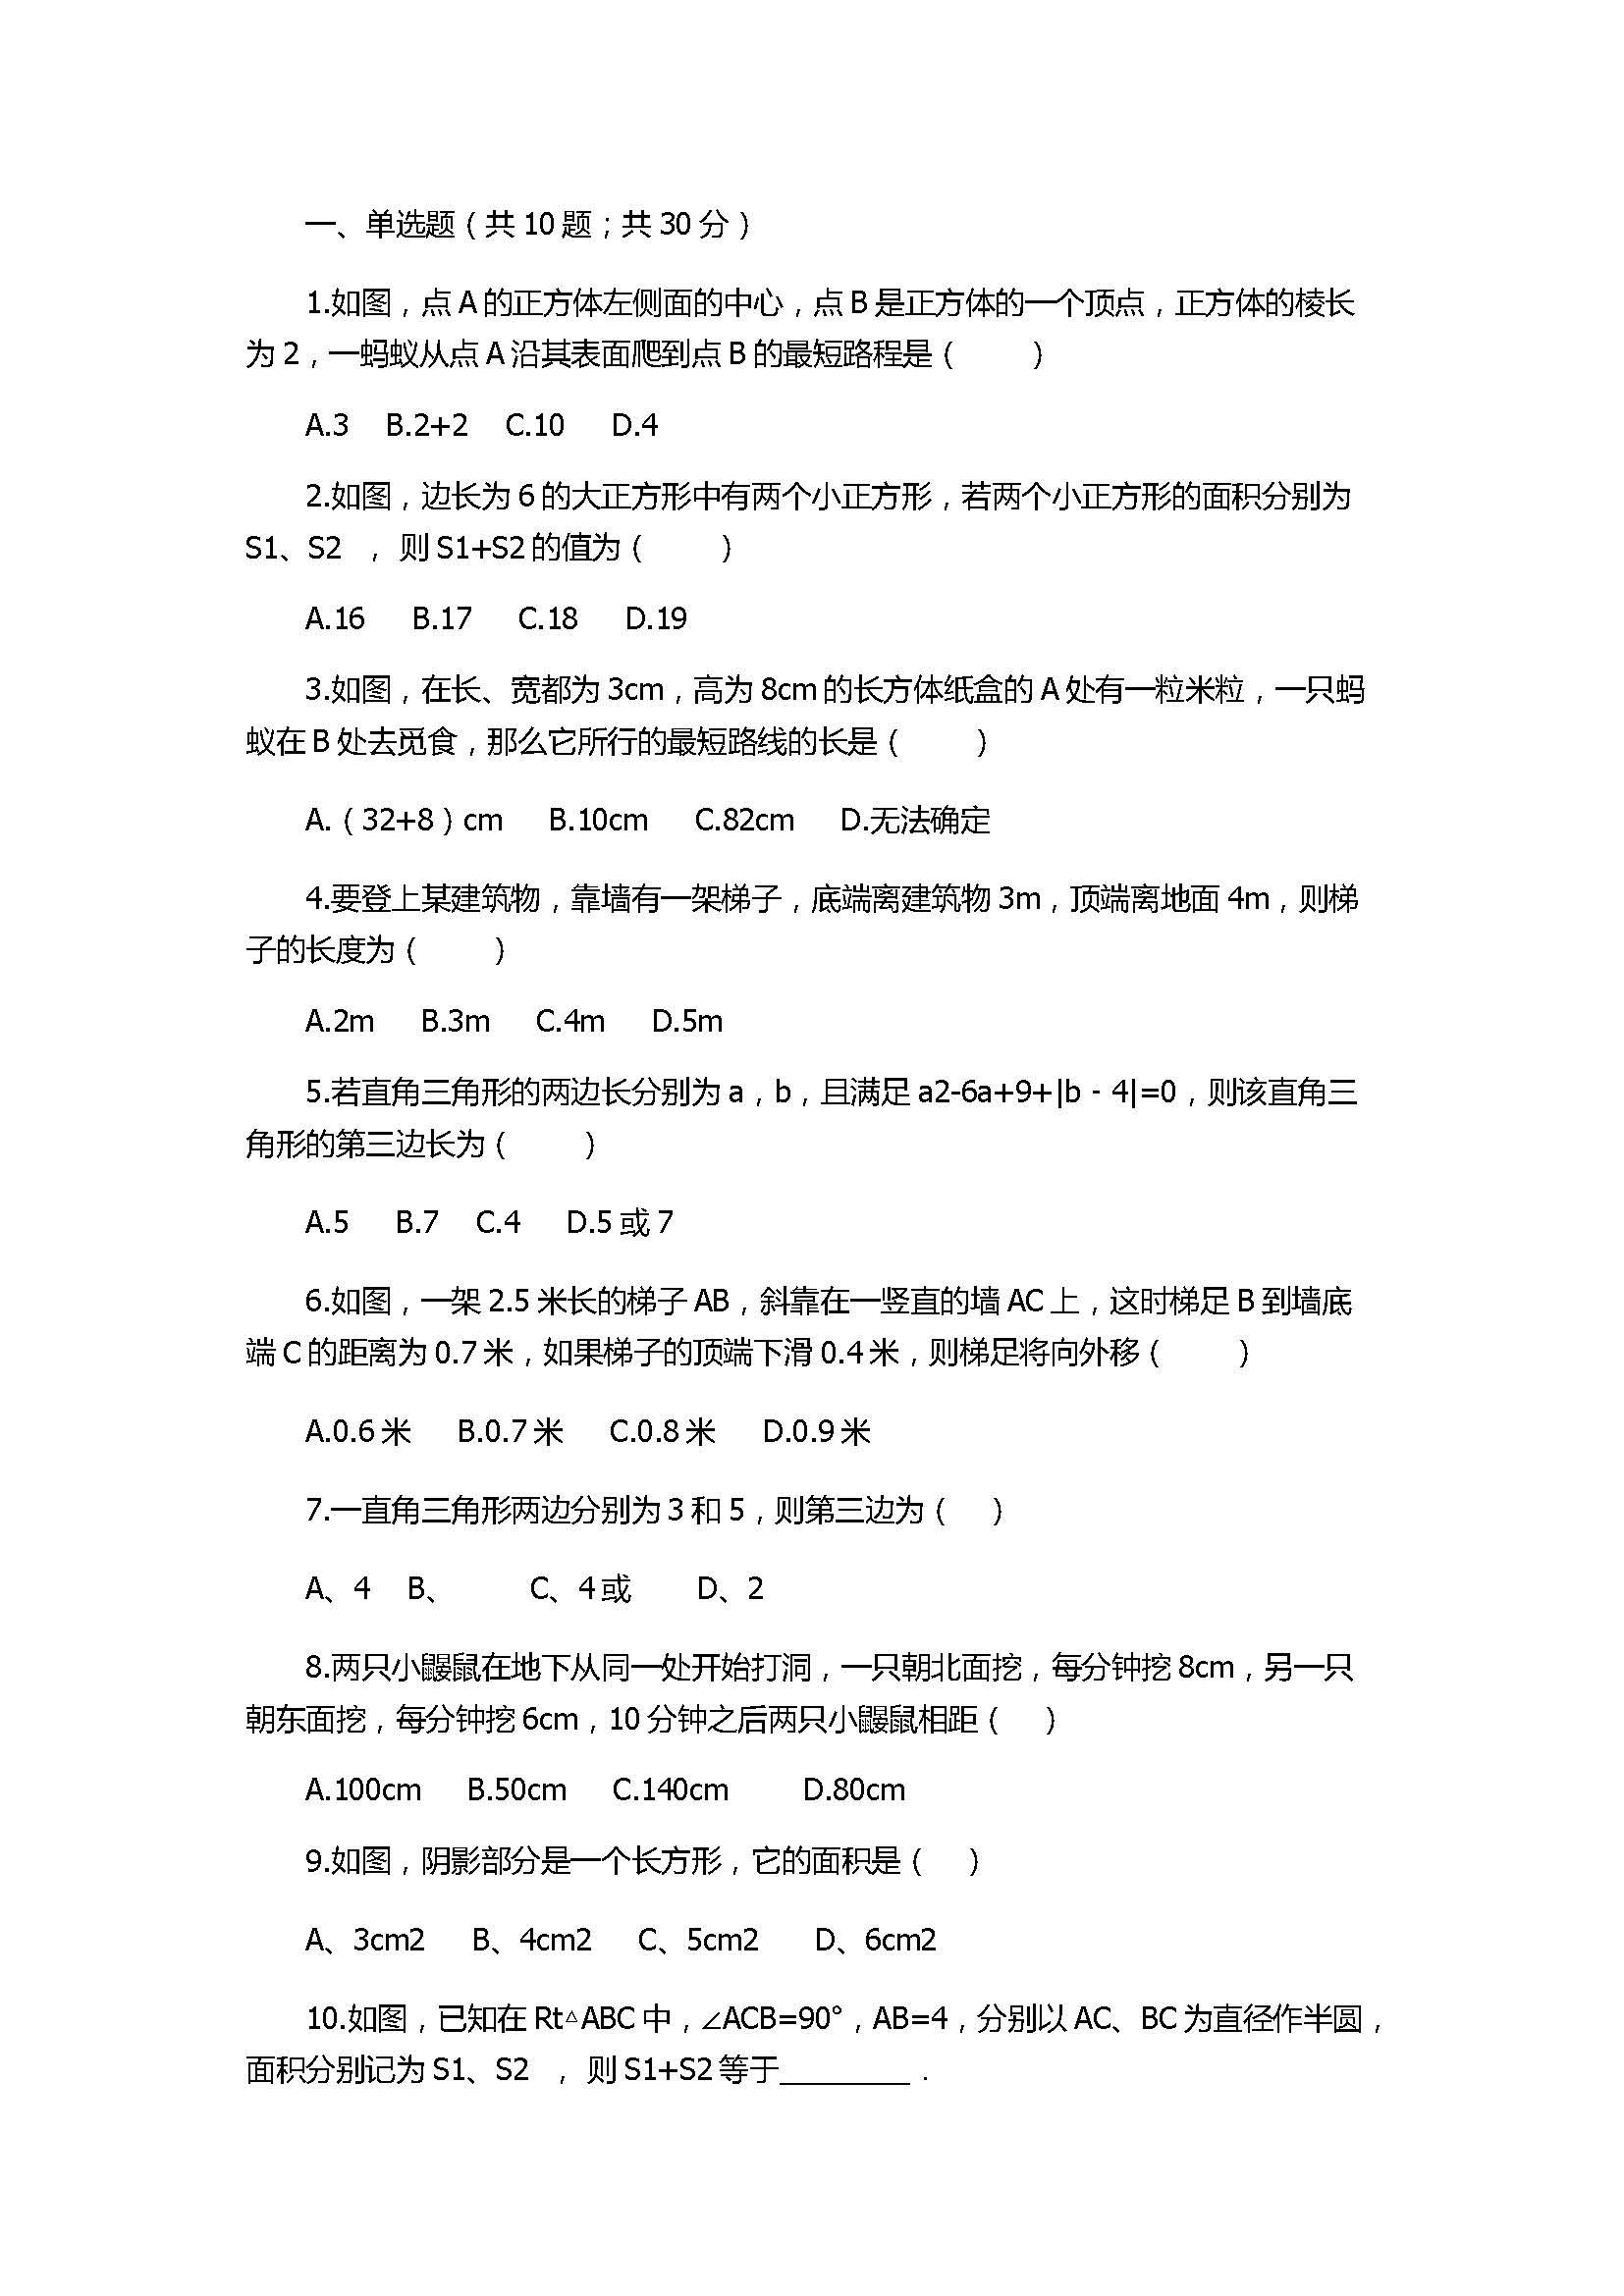 勾股定理单元测试卷_word文档在线阅读与下载_无忧文档